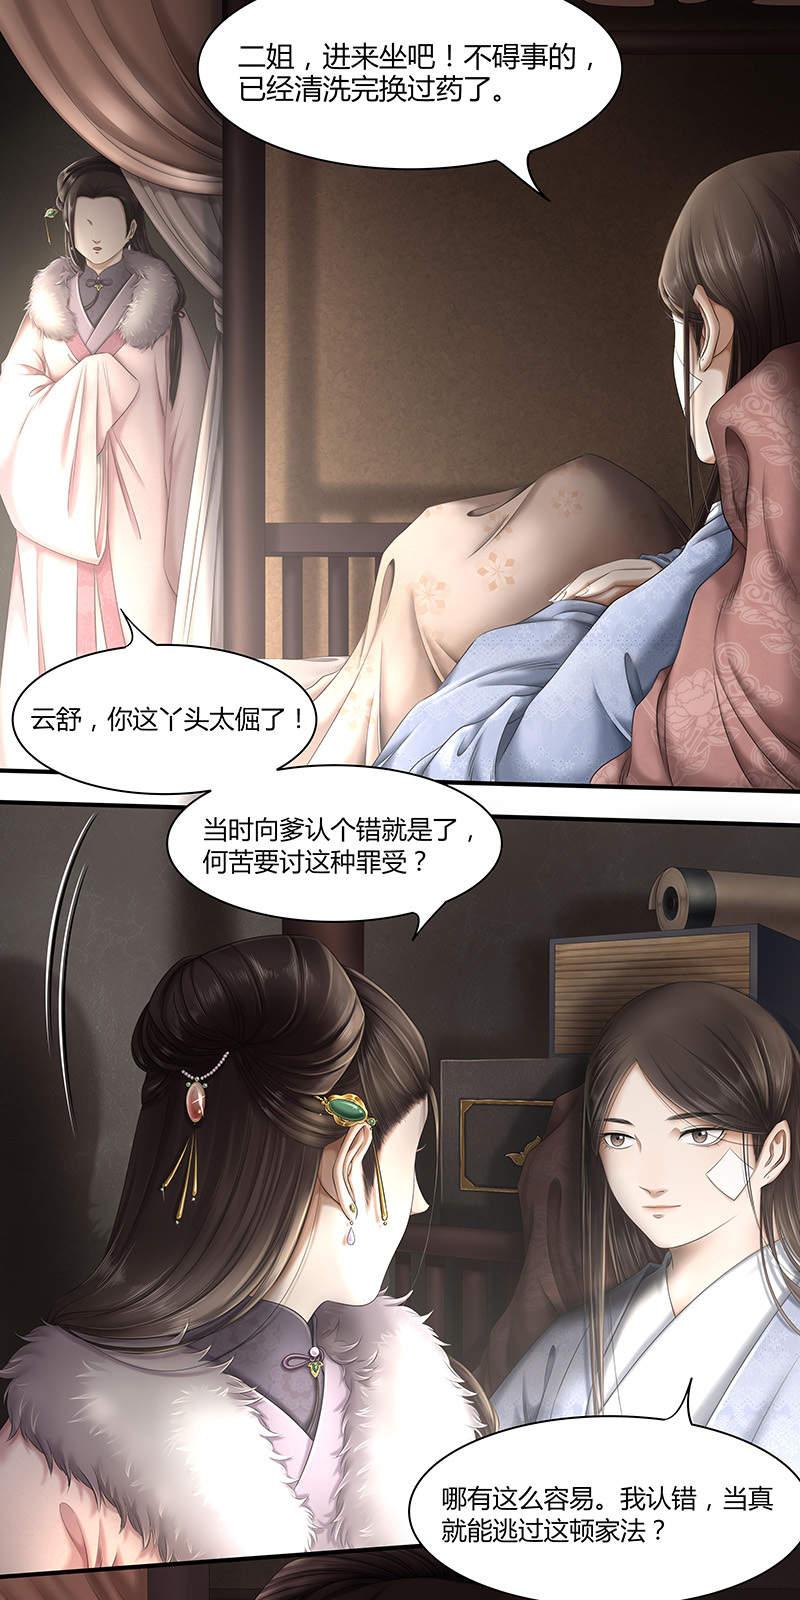 画骨女仵作第40话  约定(福利预警) 第 5